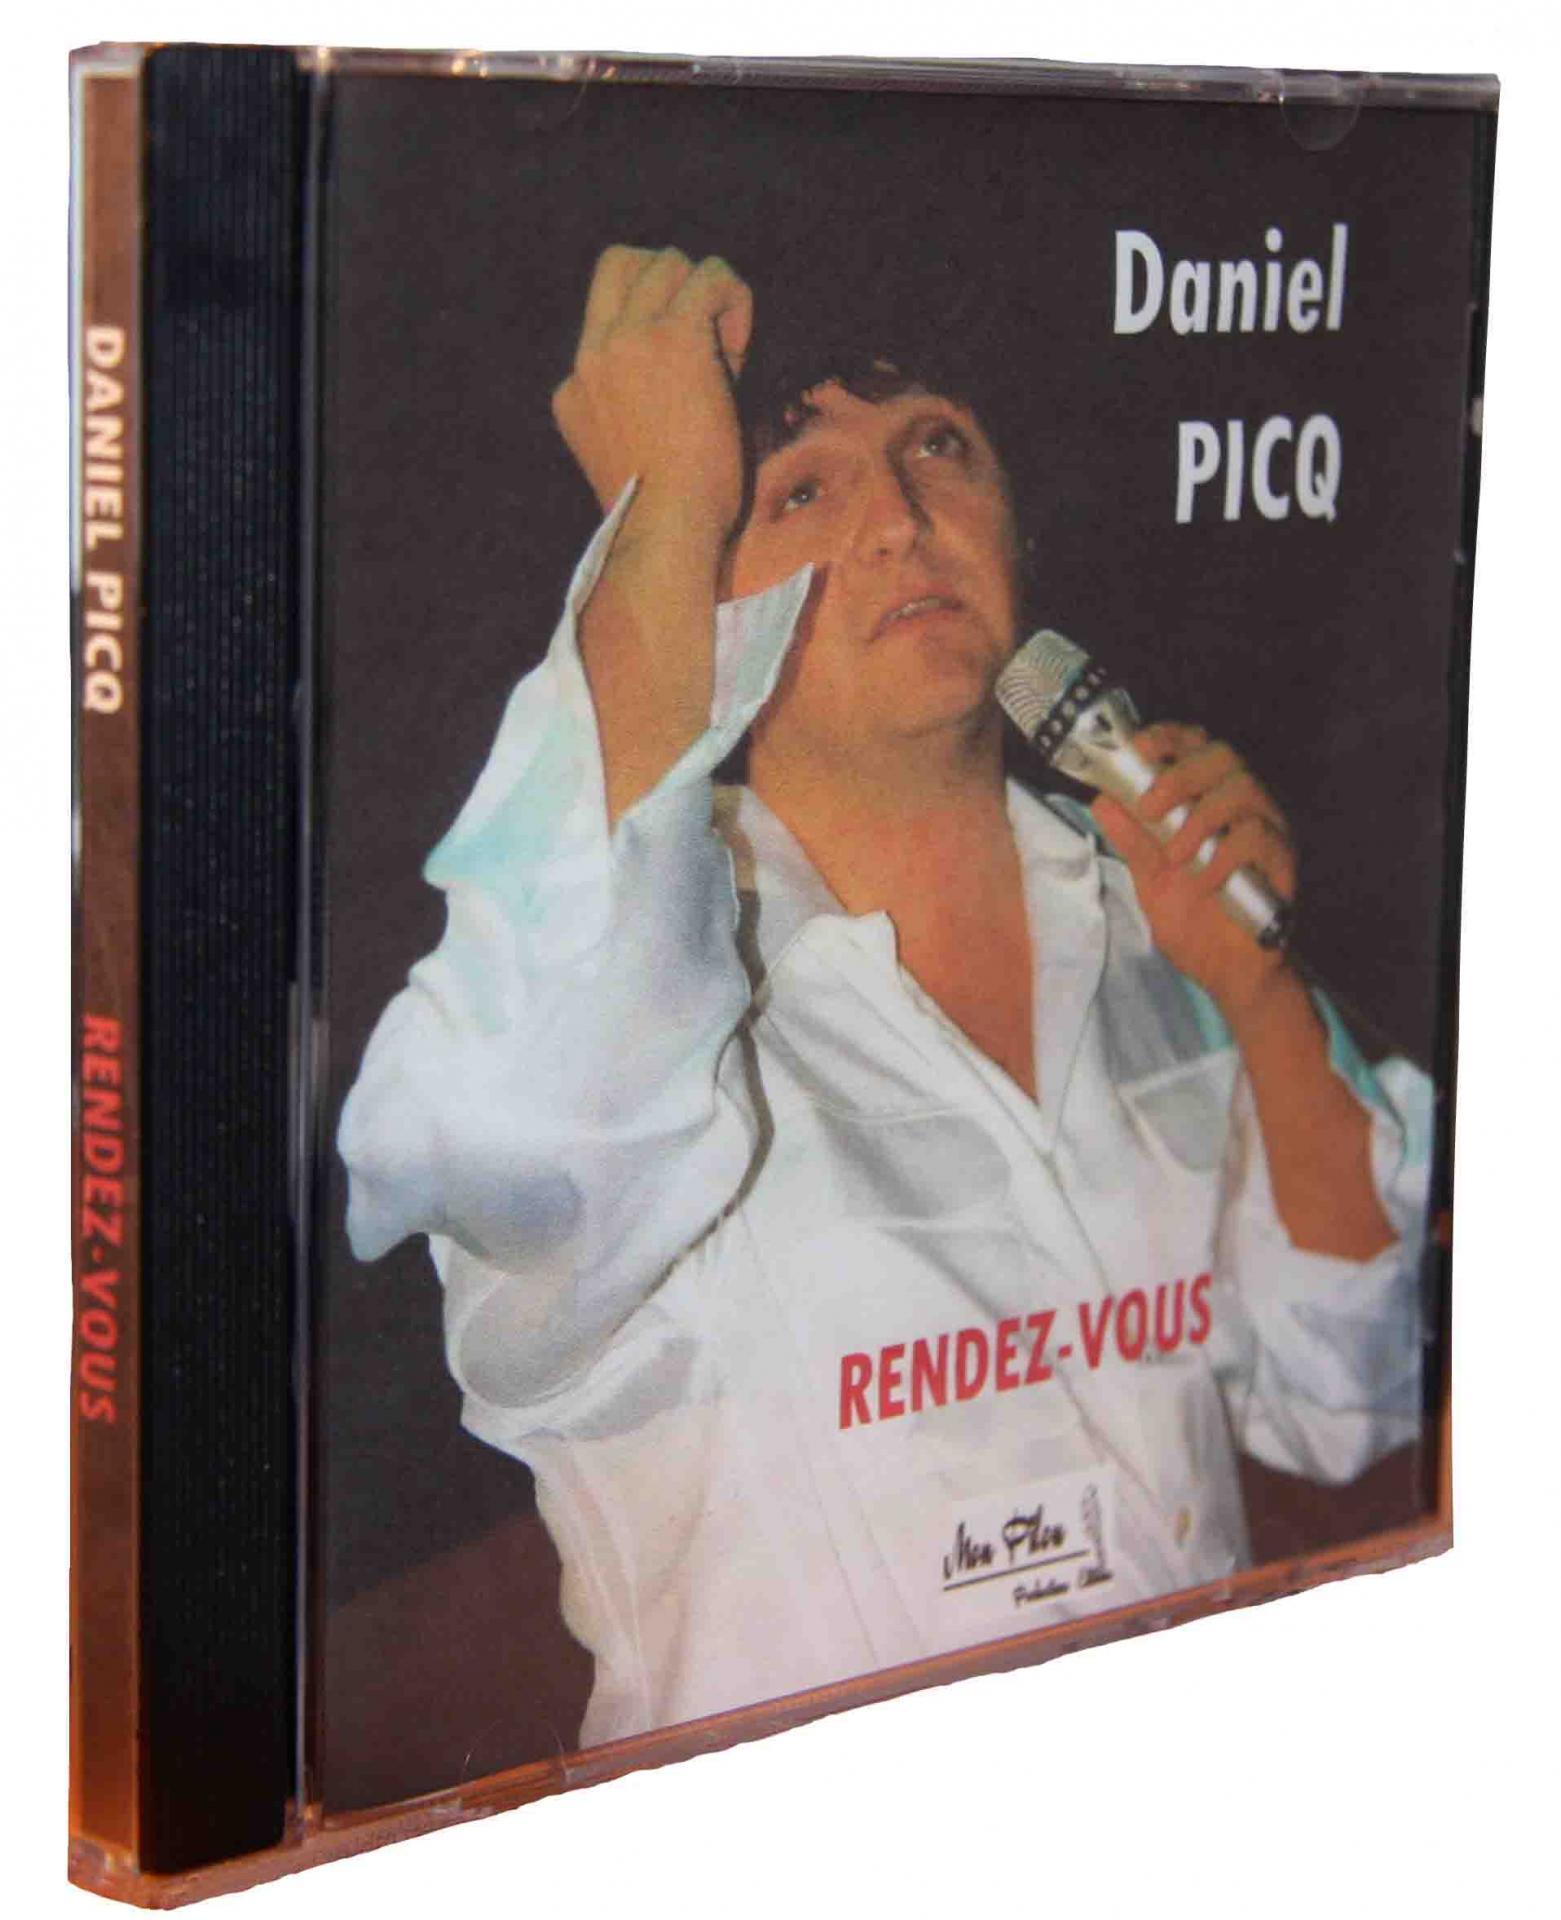 Daniel picq 1jpg